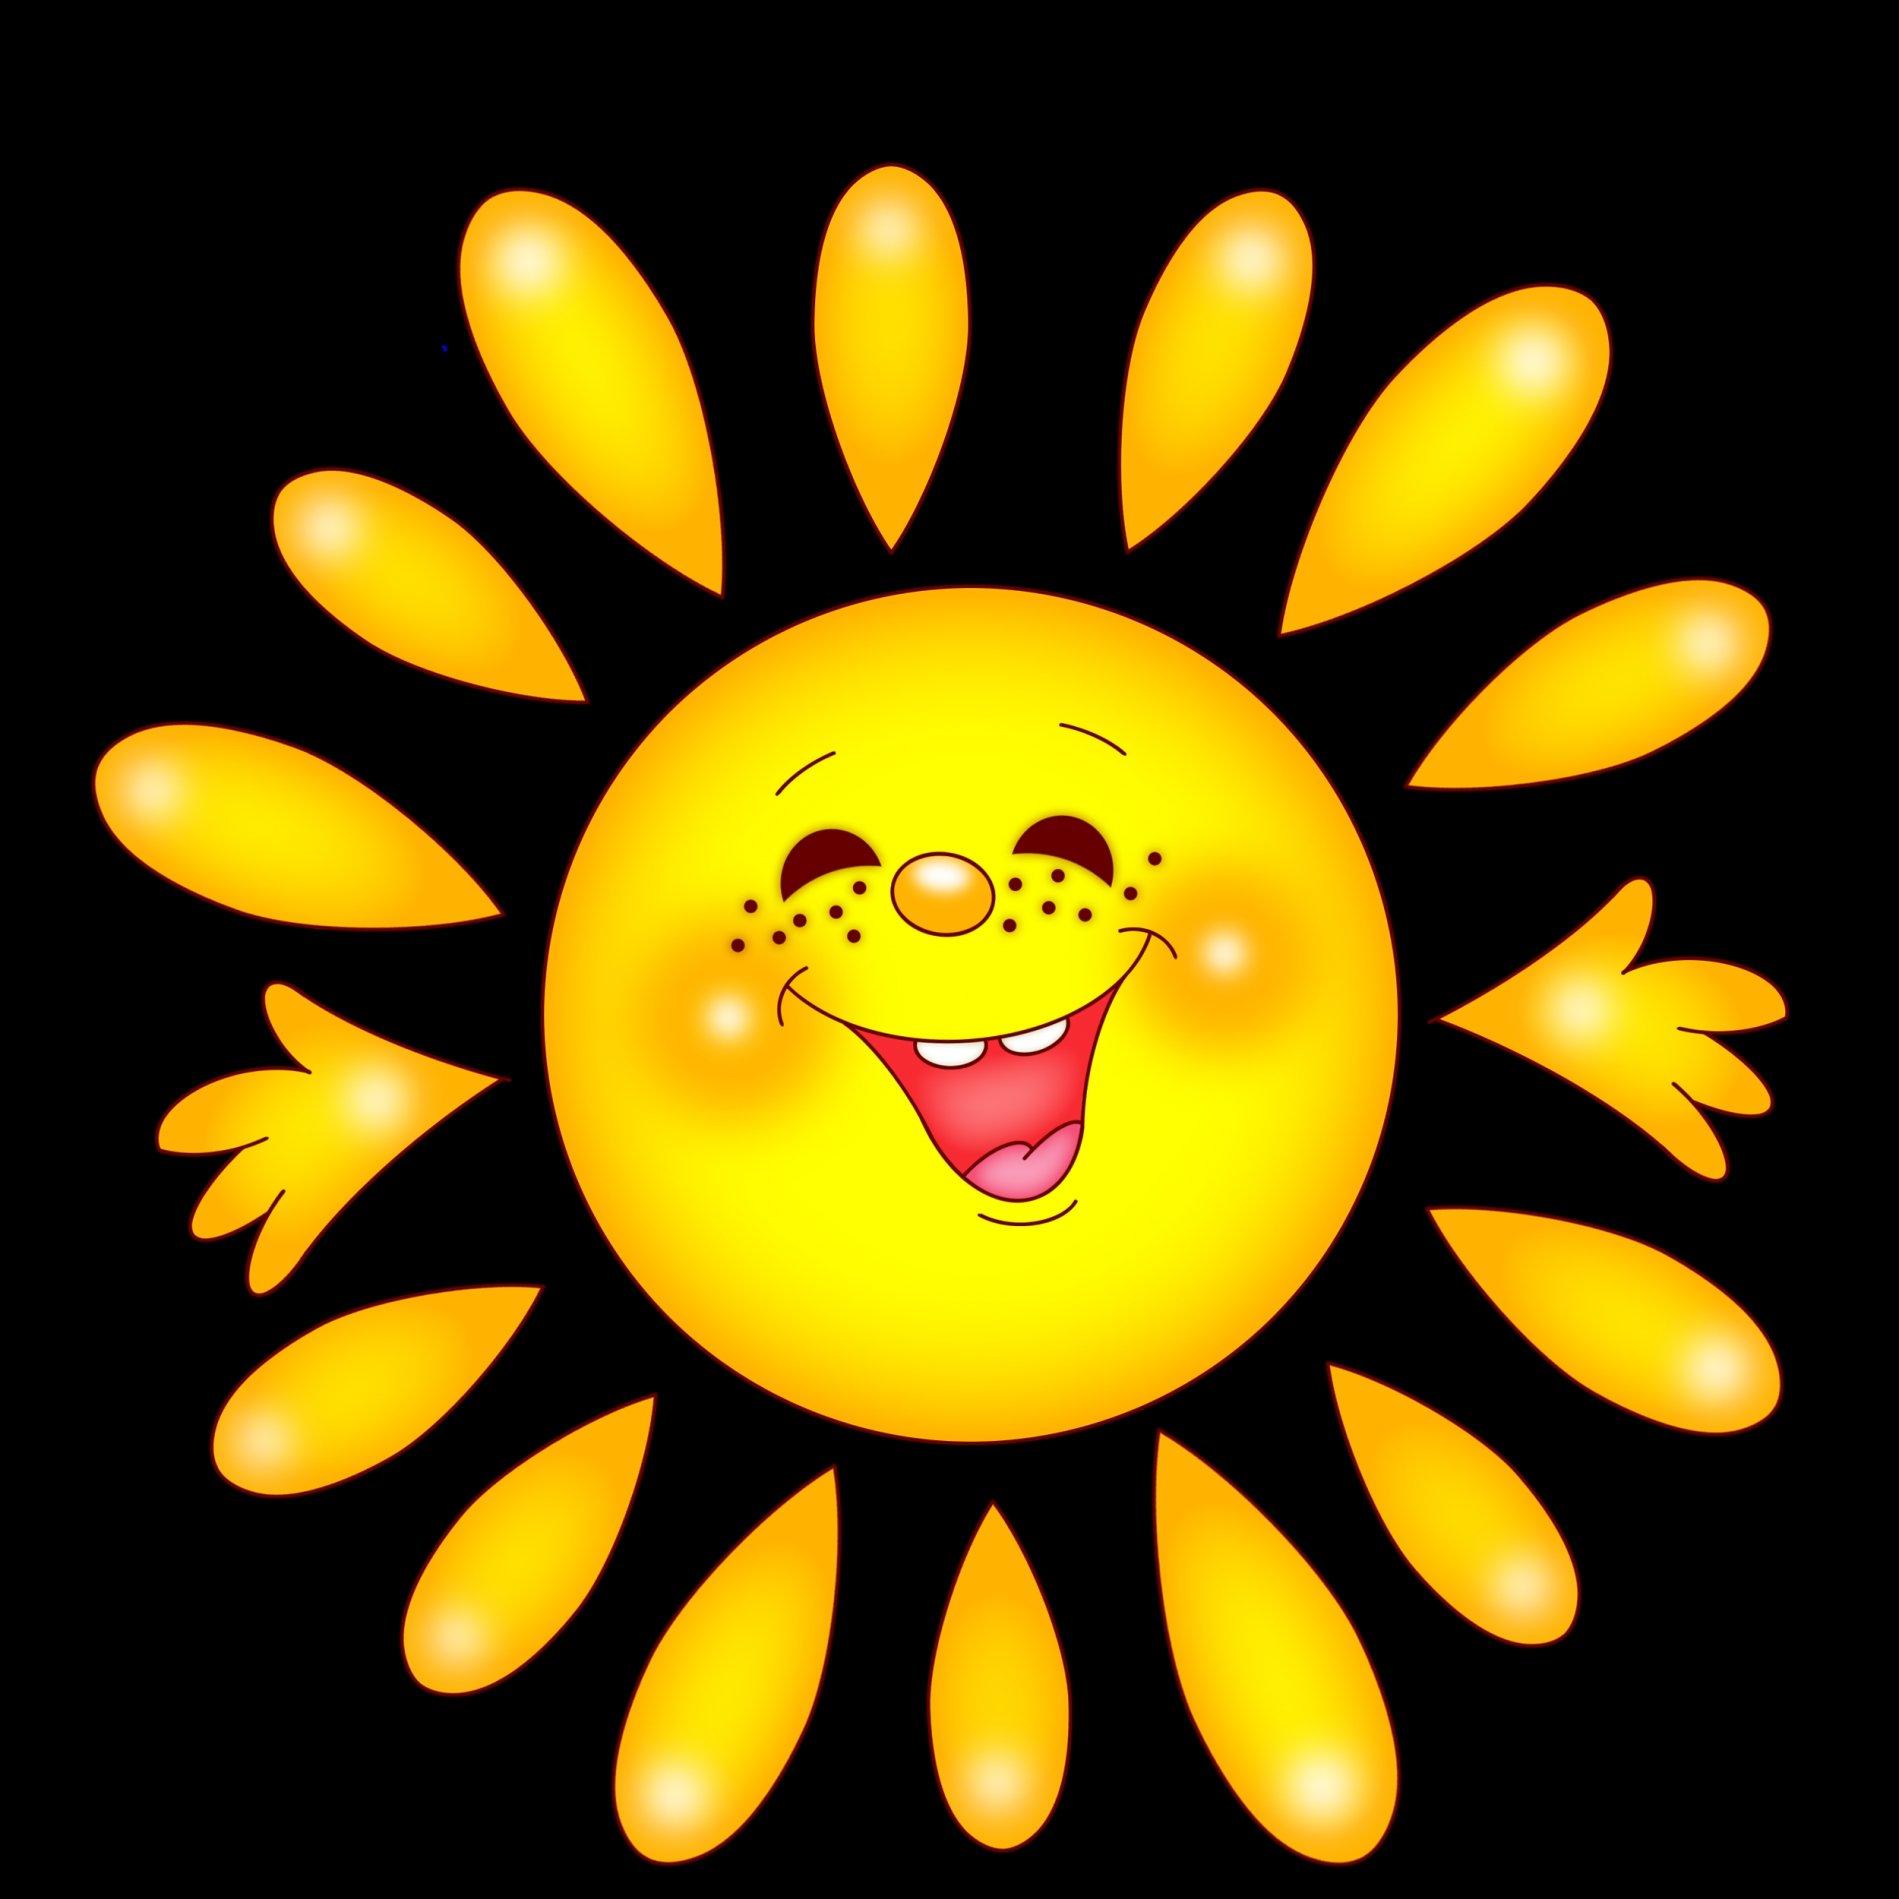 Картинках, картинки веселого солнышка из мультфильмов